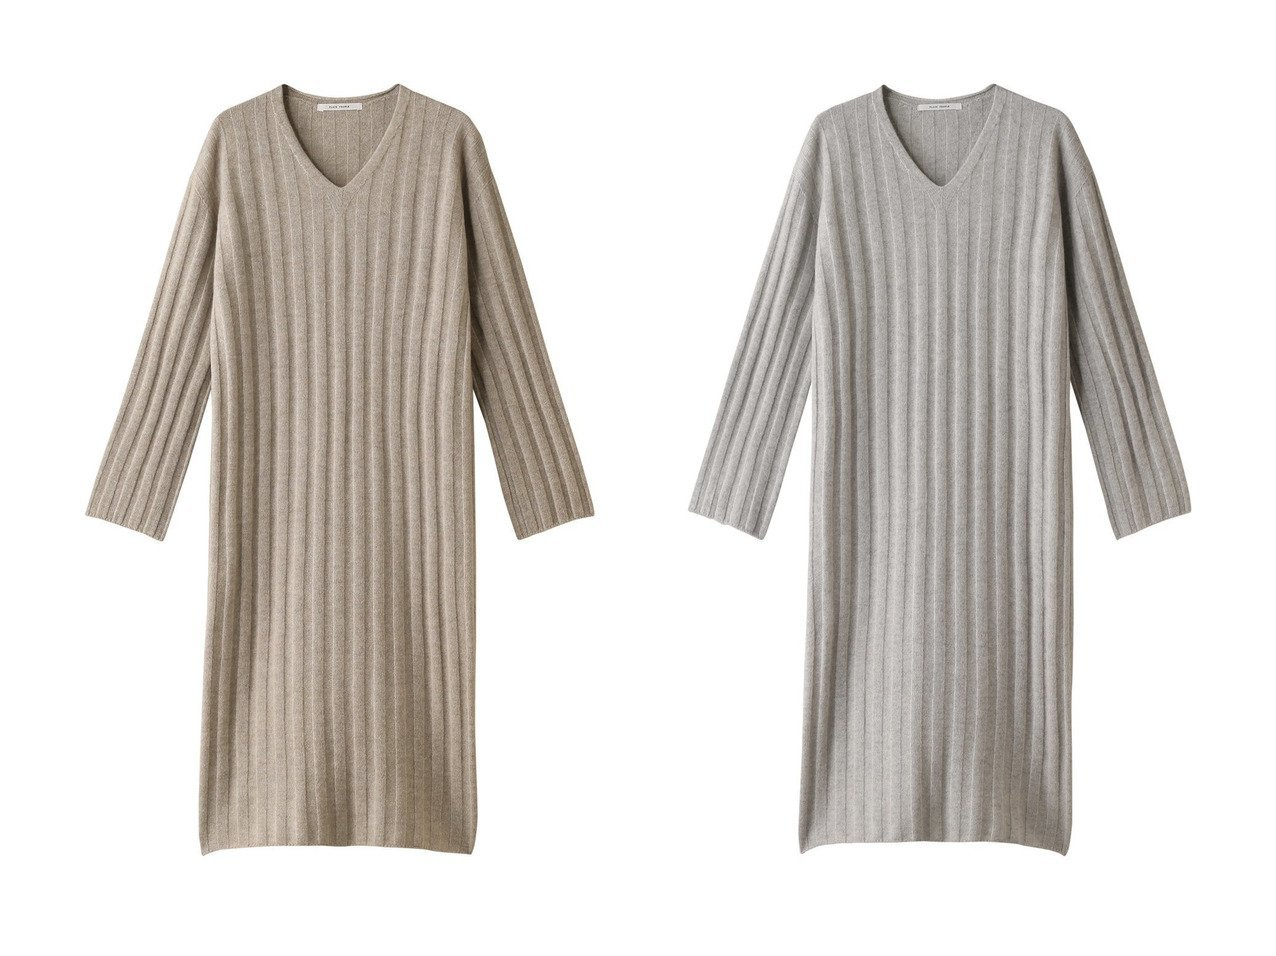 【PLAIN PEOPLE/プレインピープル】のホールガーメント針抜きニットワンピース ワンピース・ドレスのおすすめ!人気、トレンド・レディースファッションの通販 おすすめで人気の流行・トレンド、ファッションの通販商品 メンズファッション・キッズファッション・インテリア・家具・レディースファッション・服の通販 founy(ファニー) https://founy.com/ ファッション Fashion レディースファッション WOMEN ワンピース Dress ニットワンピース Knit Dresses スリーブ ホールガーメント リラックス ロング  ID:crp329100000012529